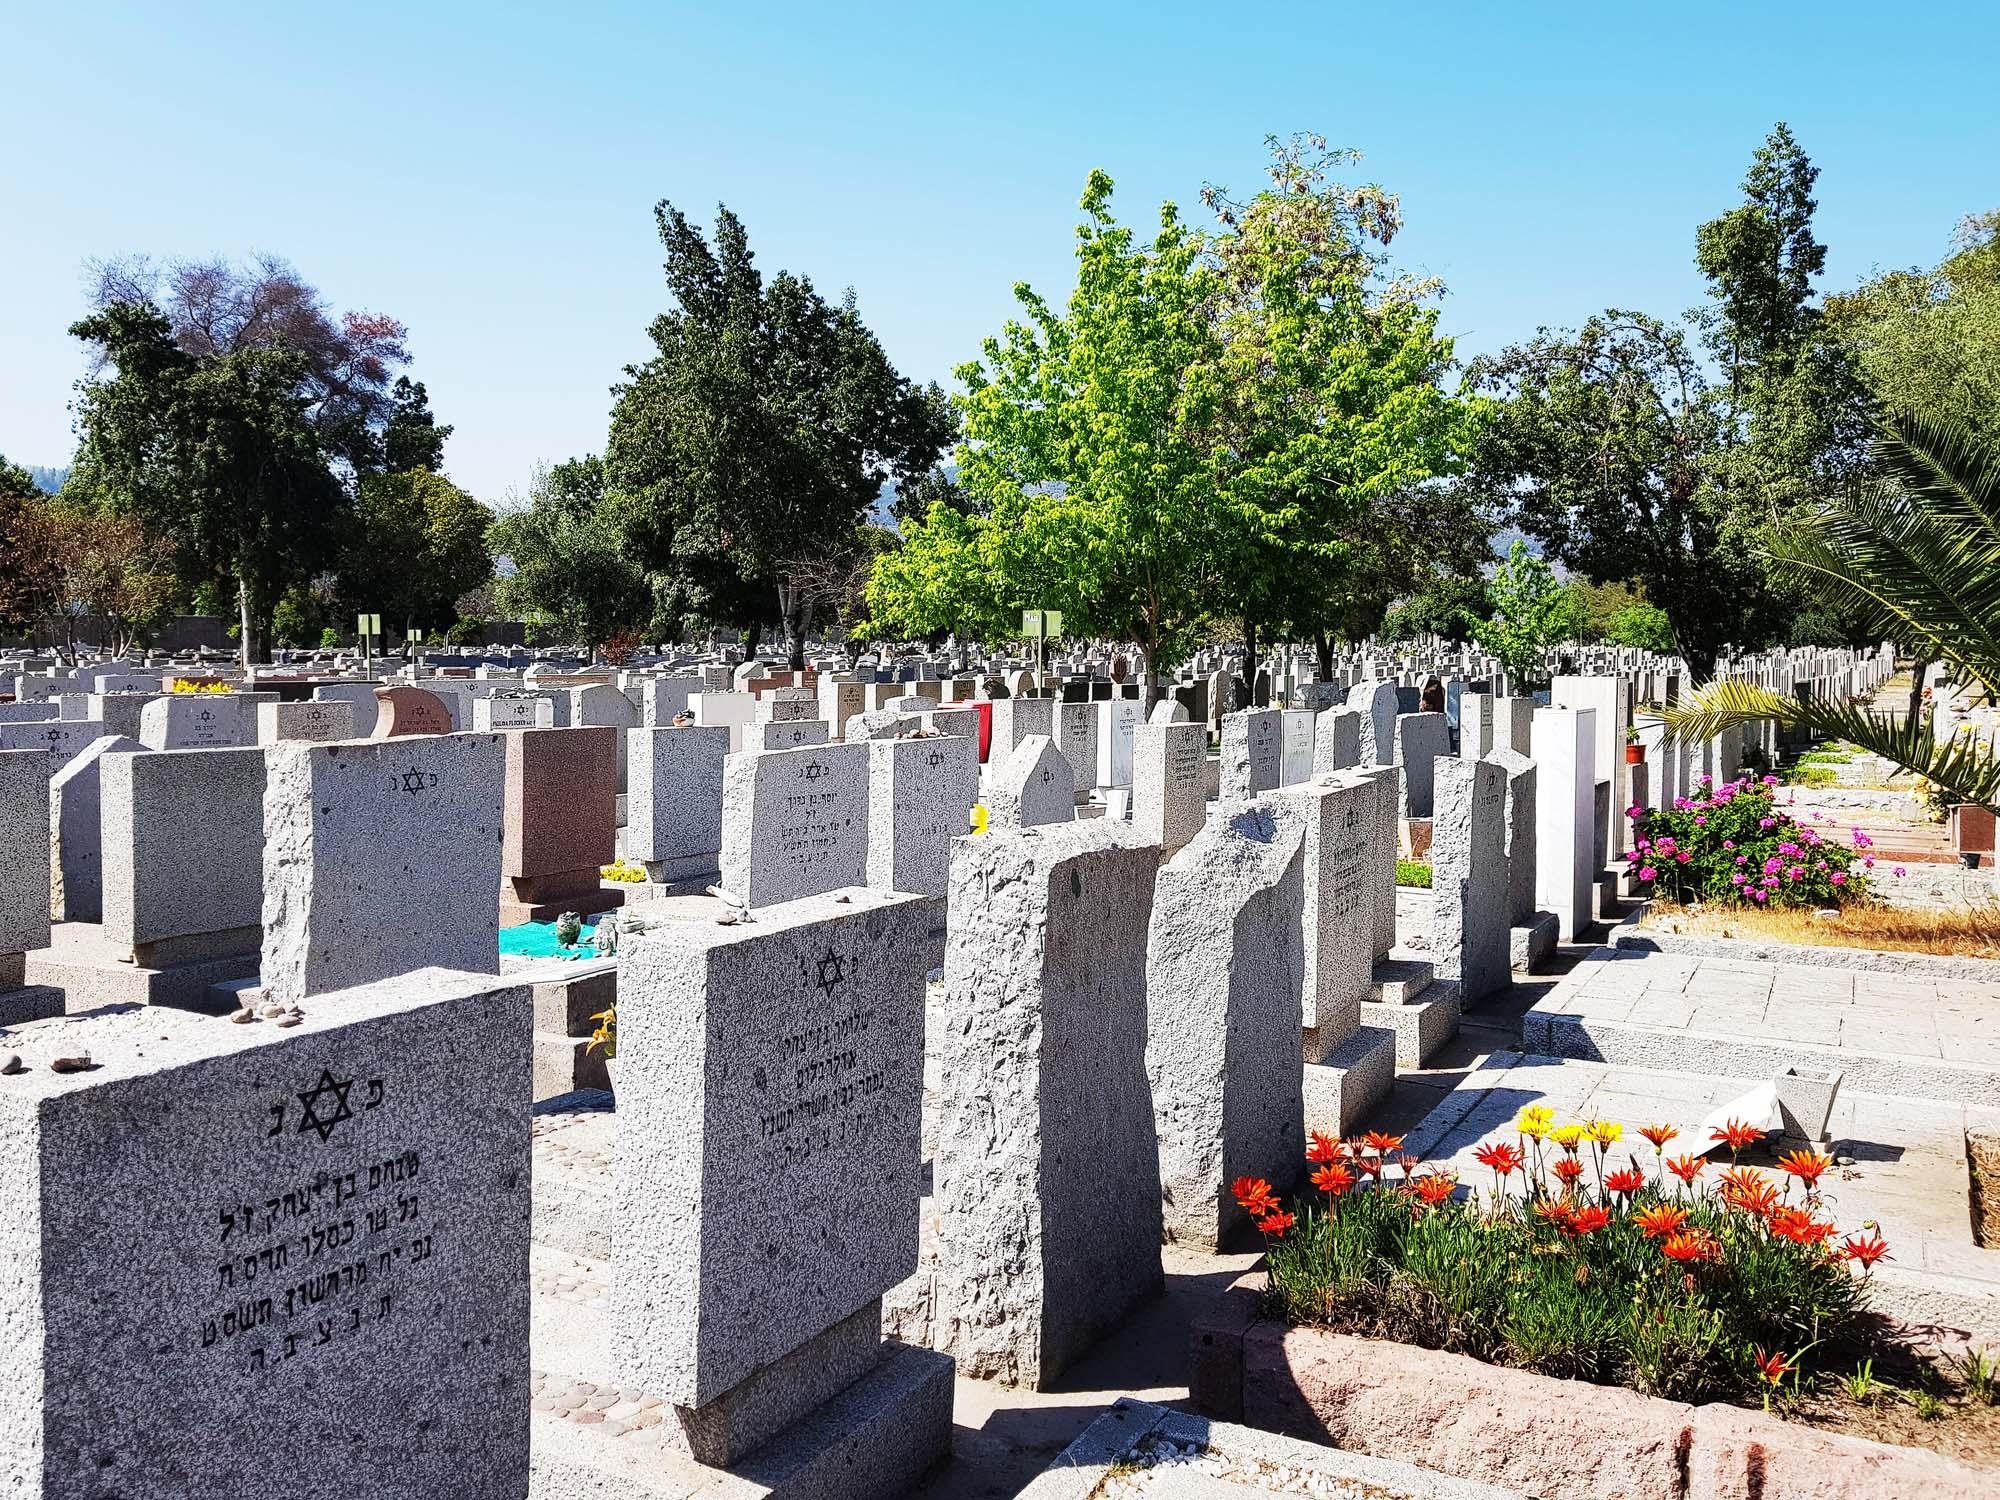 Jüdischer Friedhof in Santiago de Chile mit 8.800 Grabsteinen